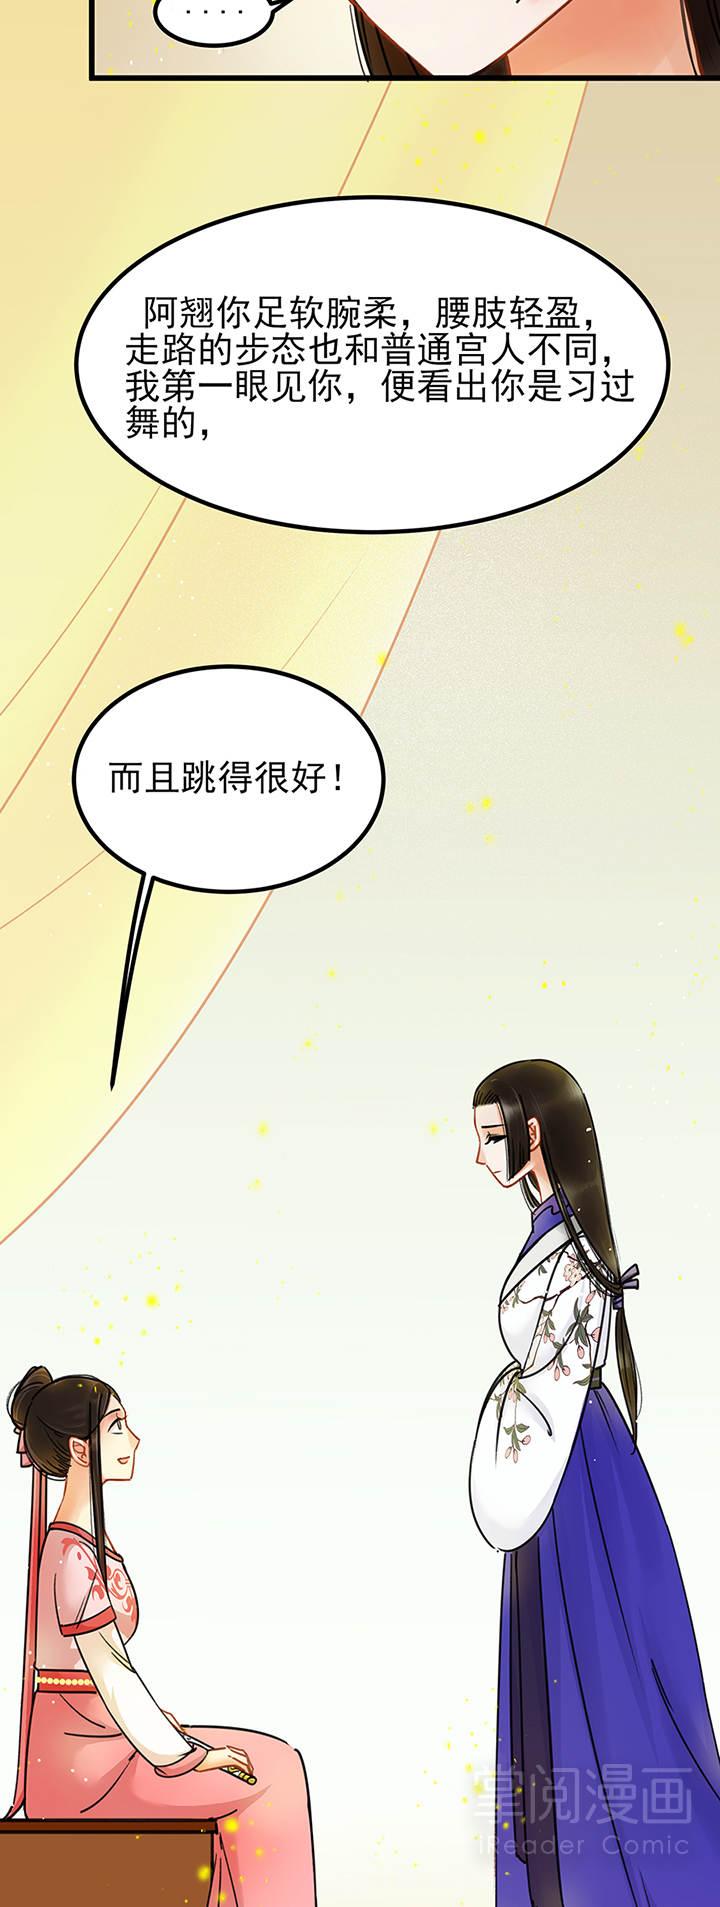 晚唐烟华第12话  沈阿翘 第 5